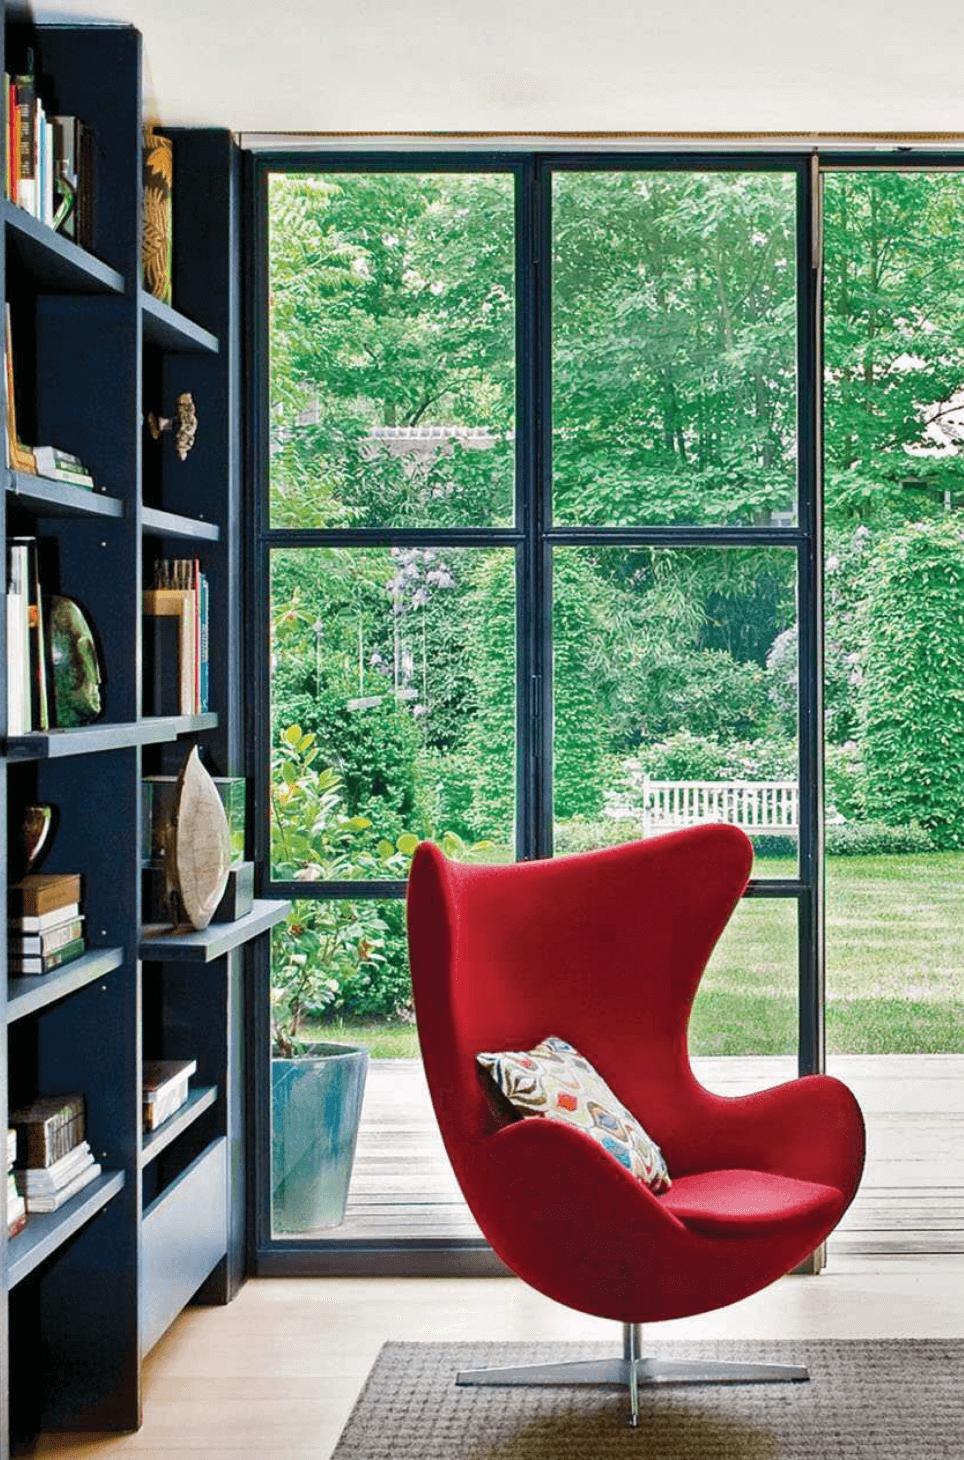 Living Room Black Shelves Windows Red Chair Living Etc.